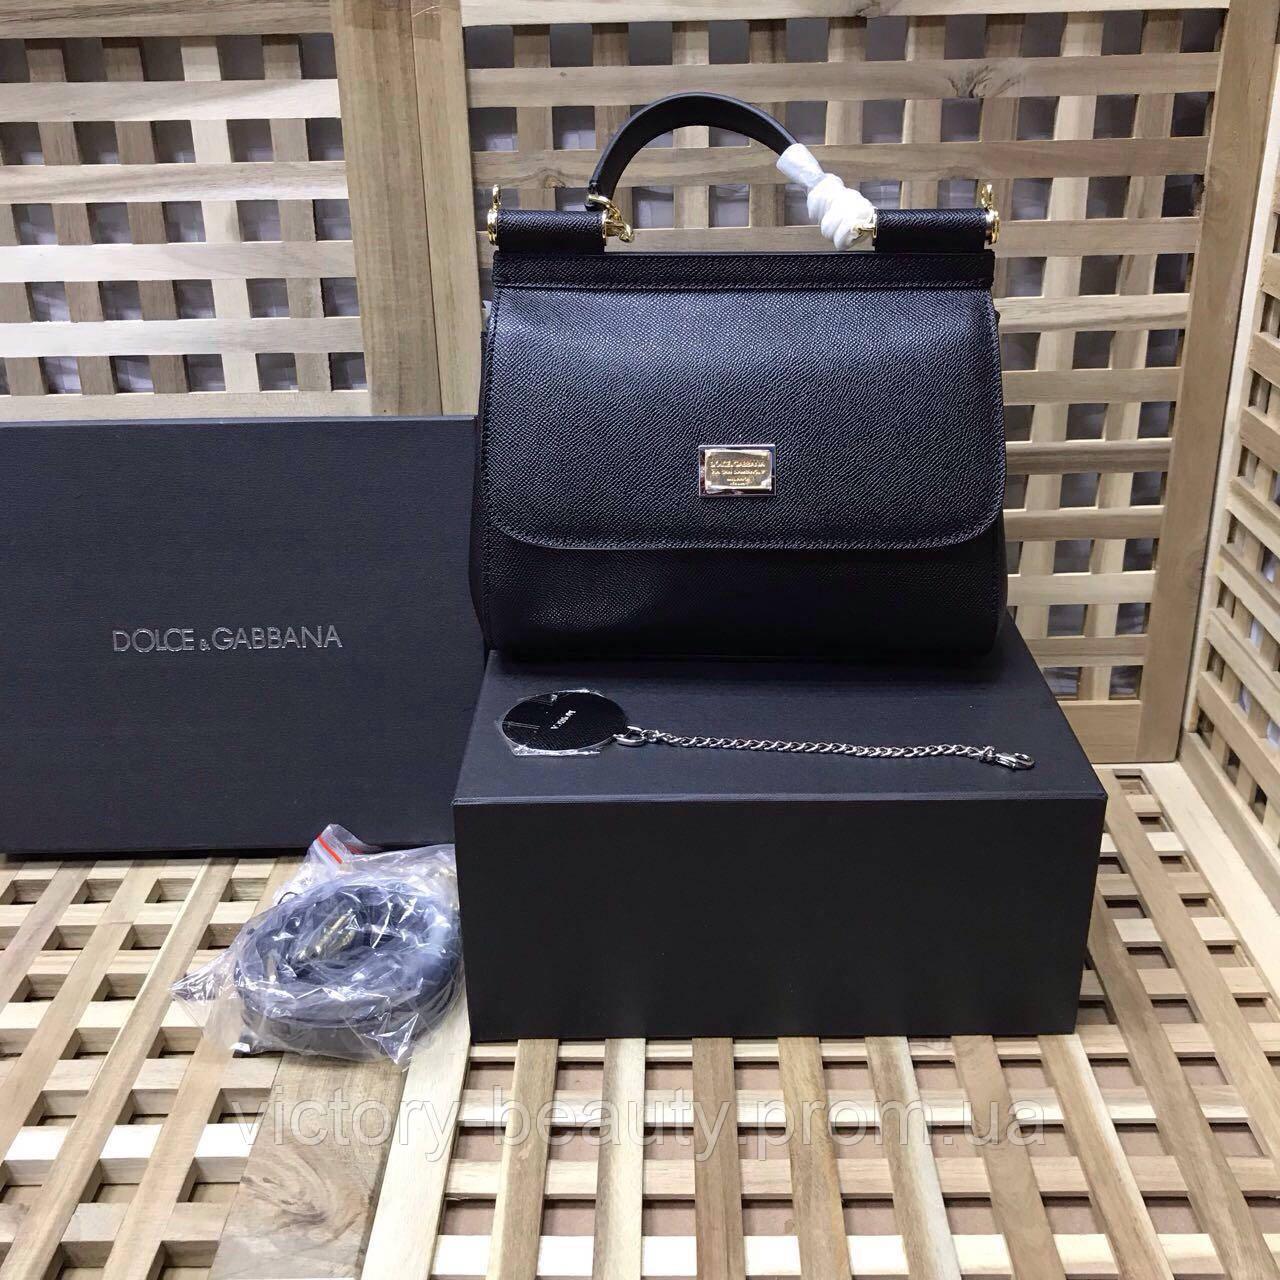 d324c3b81cc7 Сумка копия люкс Dolce Gabbana  продажа, цена в Харькове. женские ...